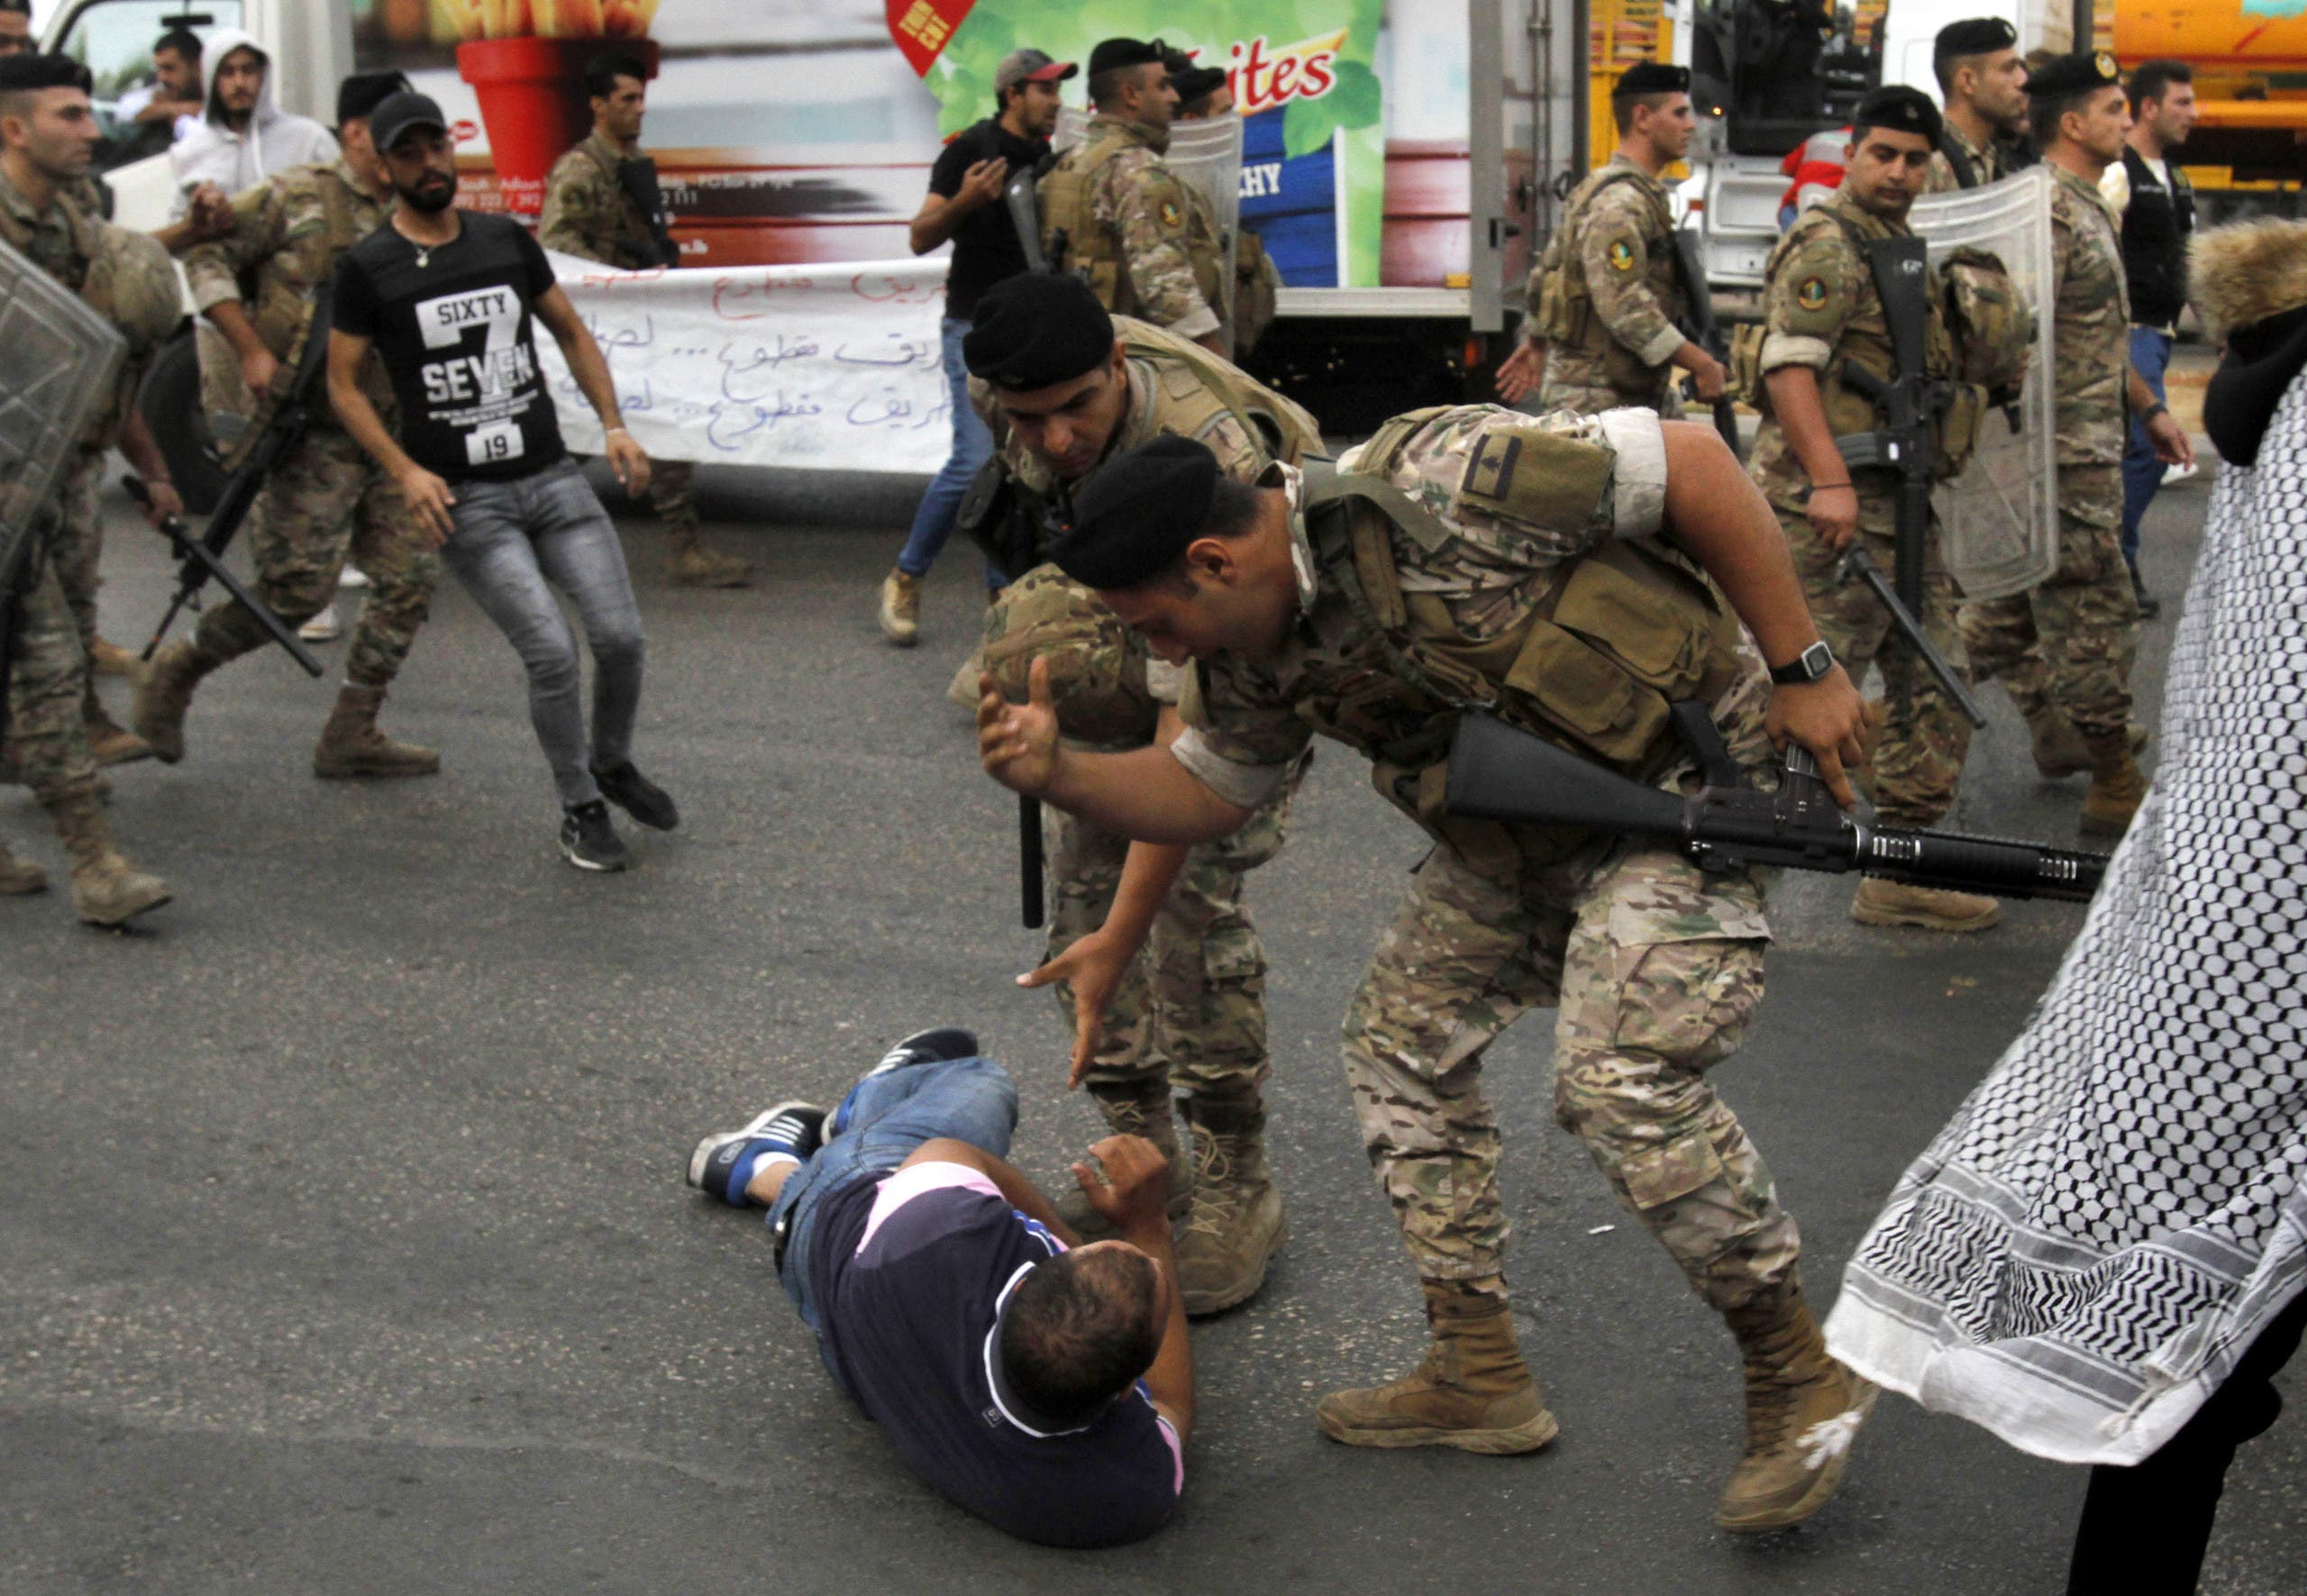 عناصر من الجيش اللبناني يوقفون أحد المحتجين في صيدا  (23 أكتوبر- فرانس برس)